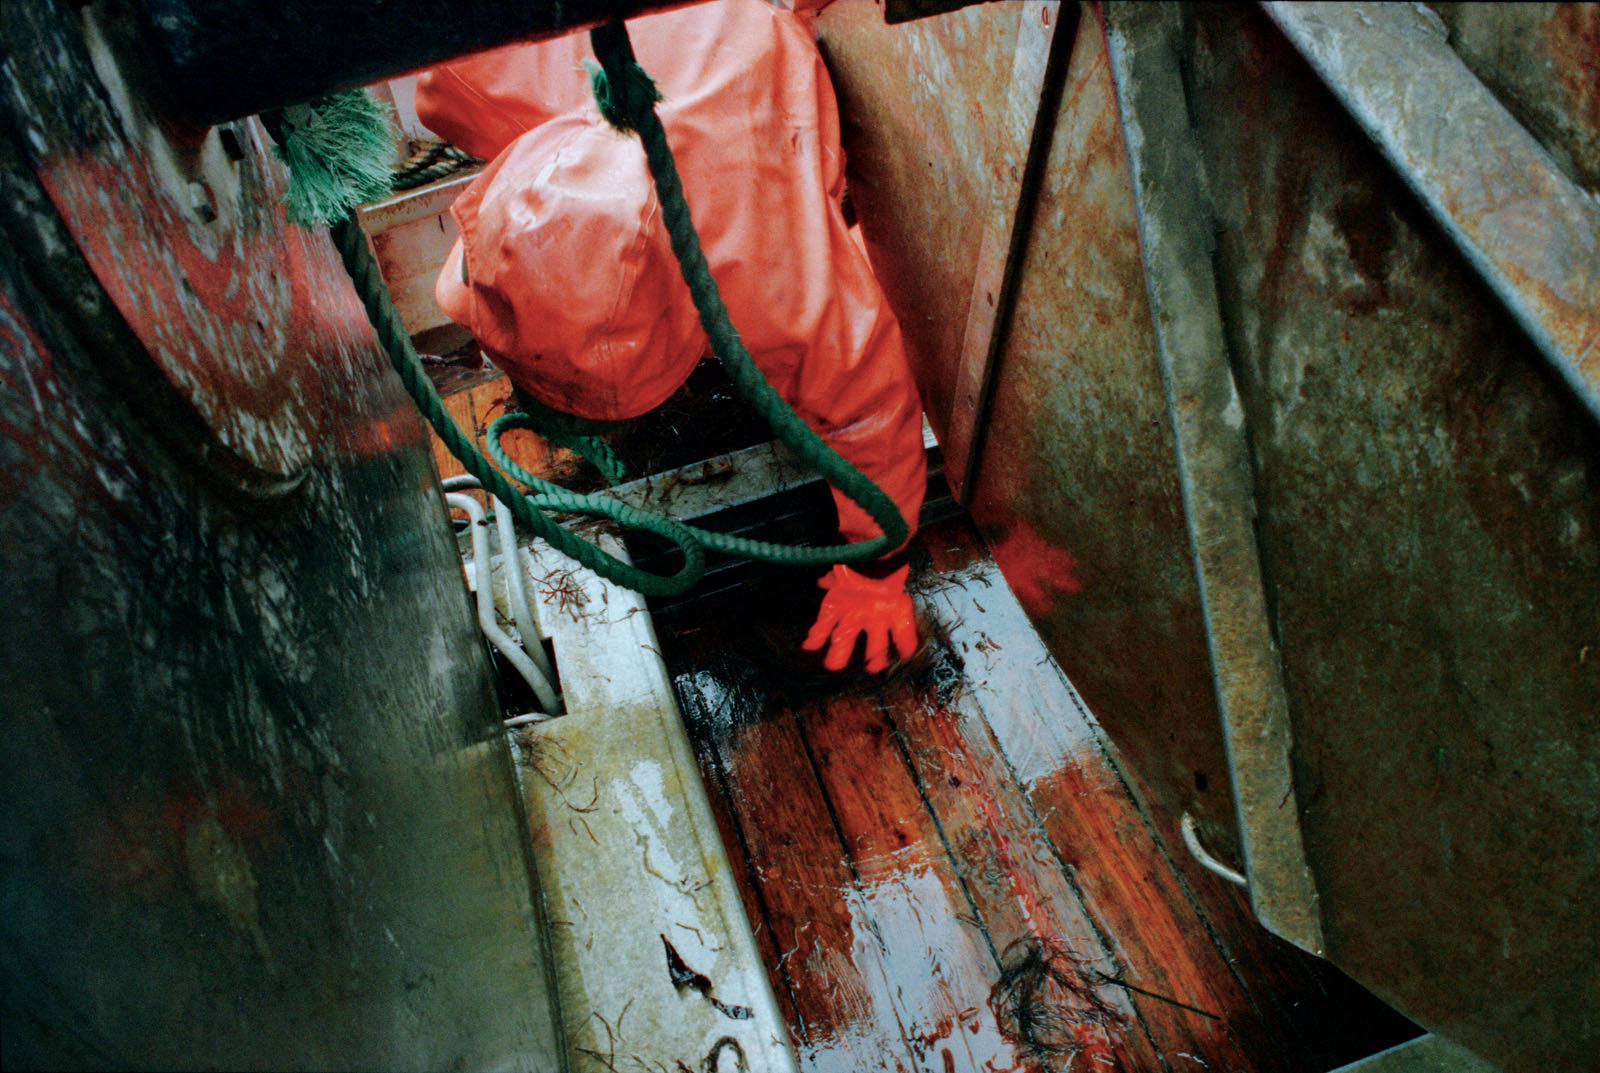 trawlermen_07.jpg